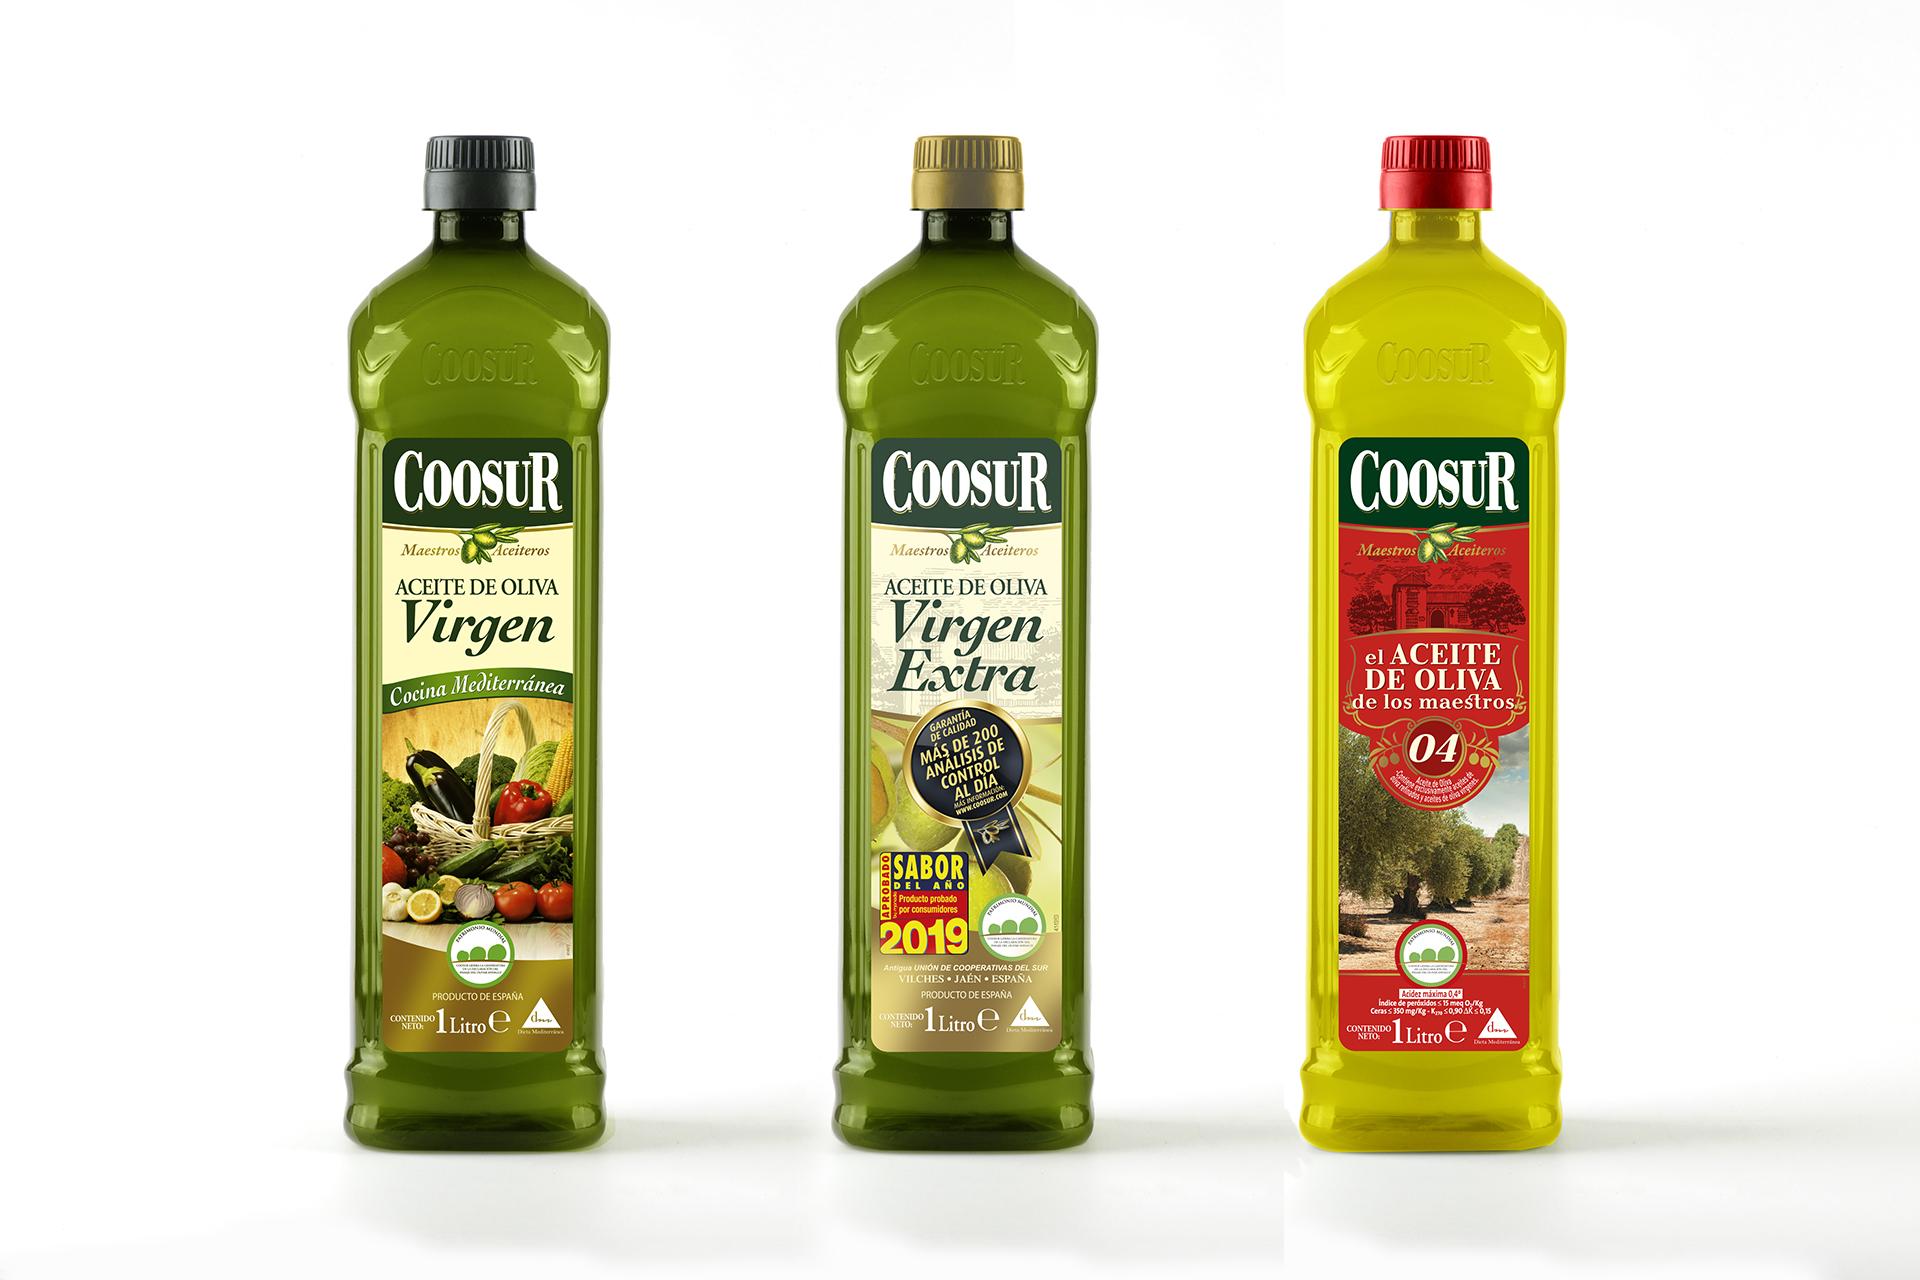 3ae95dff668 Hay diferentes tipos de aceites de oliva dependiendo de la calidad de los  mismos. Cada uno de ellos cuenta con unas características especiales que  son las ...